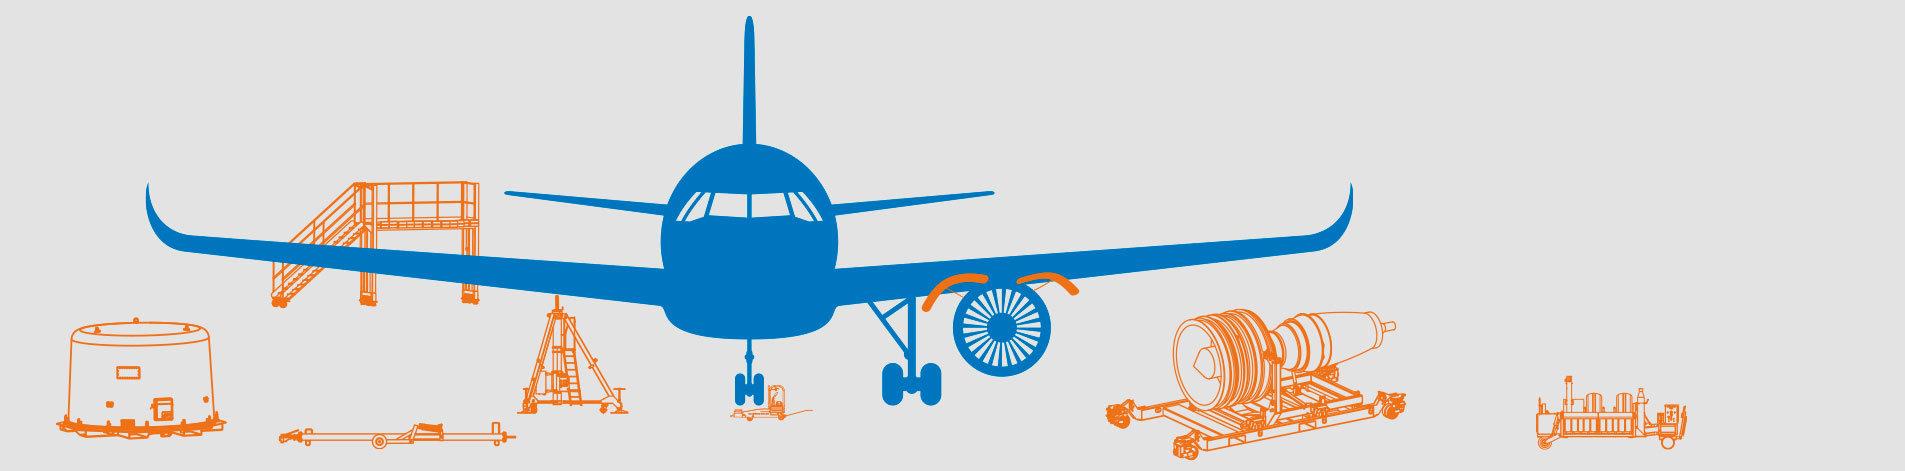 Engineer clipart aerospace engineer, Engineer aerospace.